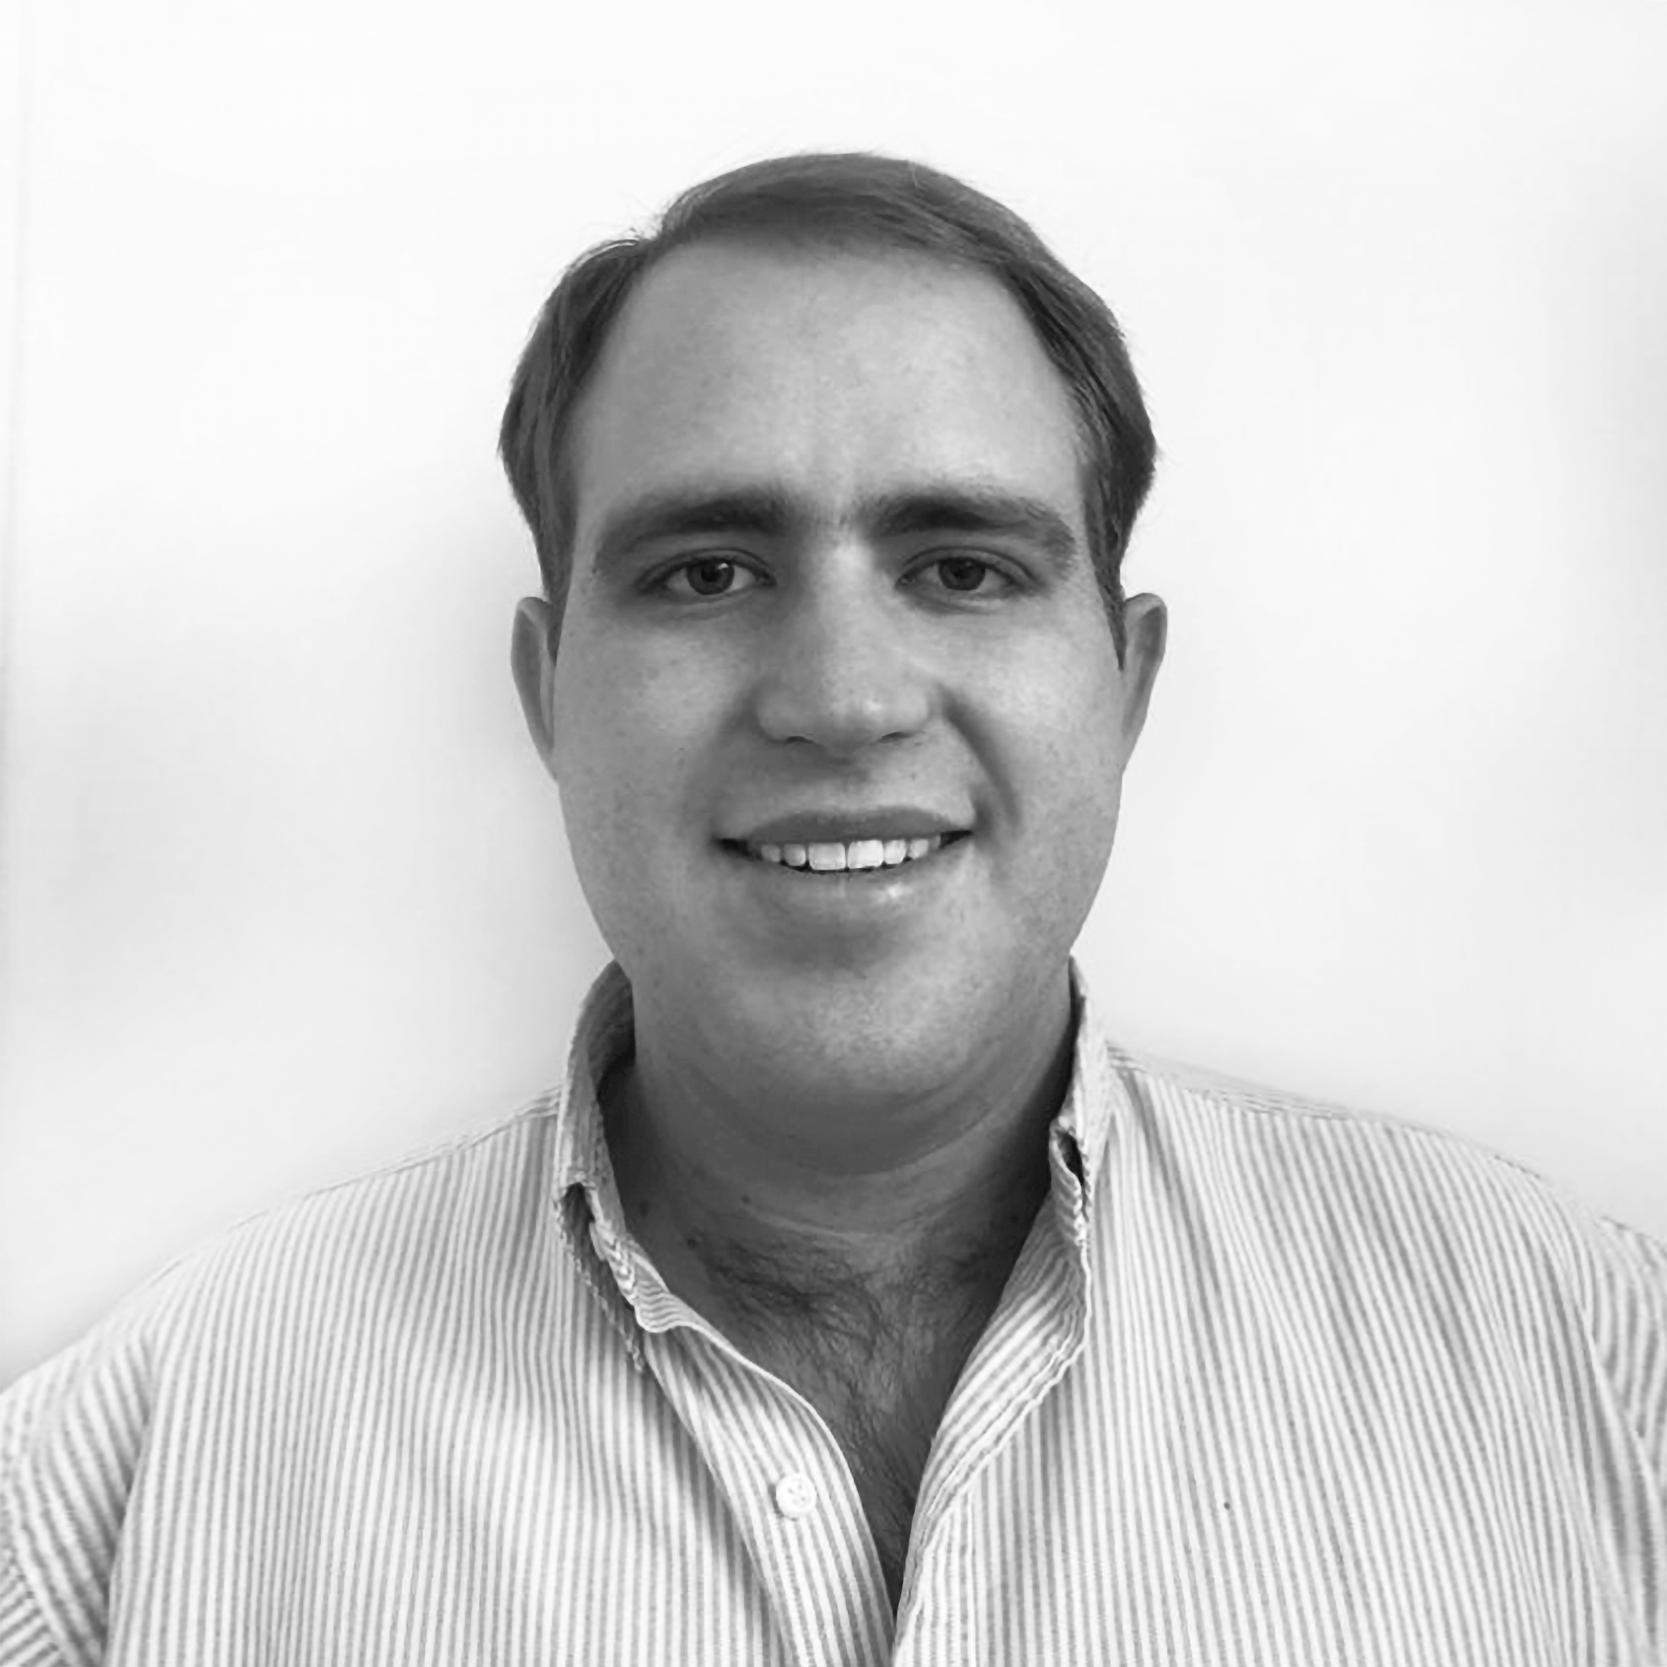 Pedro Lagar